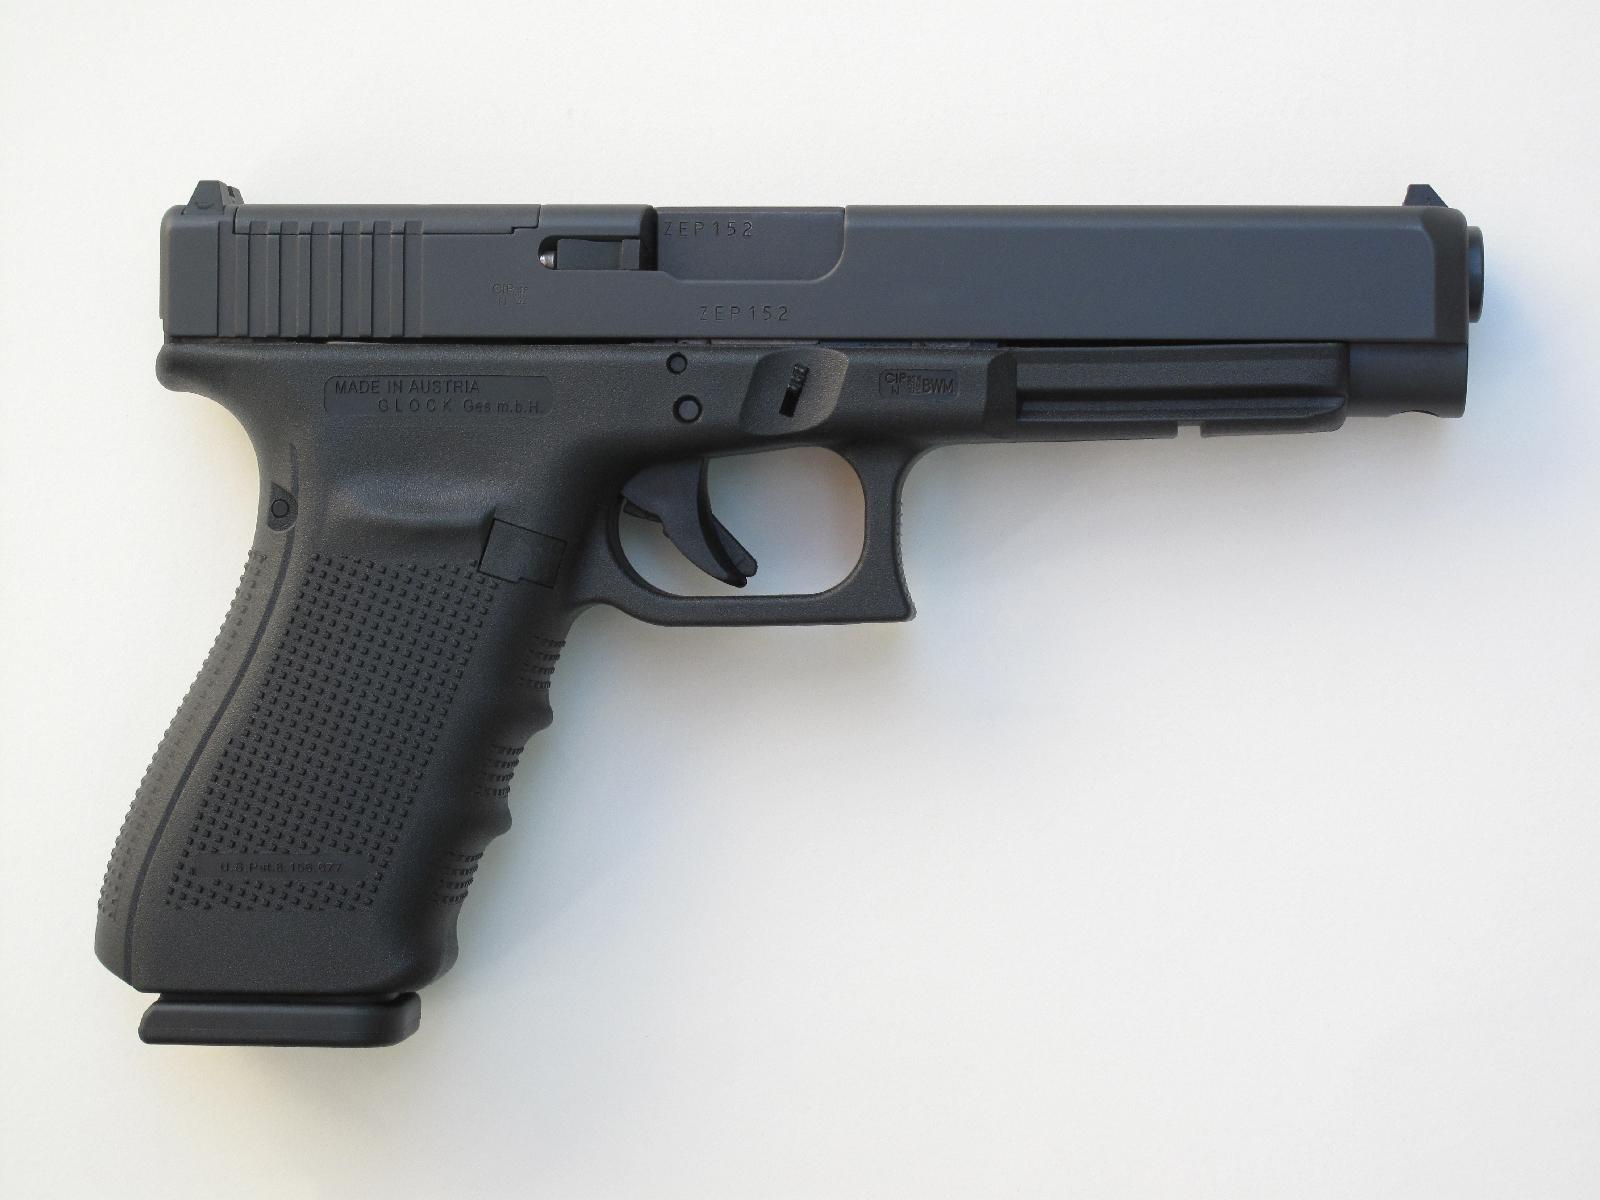 En l'absence de viseur optique, l'arme adopte la silhouette habituelle des pistolets Glock grâce à la plaque de finition qui vient combler le vide laissé par la découpe MOS.